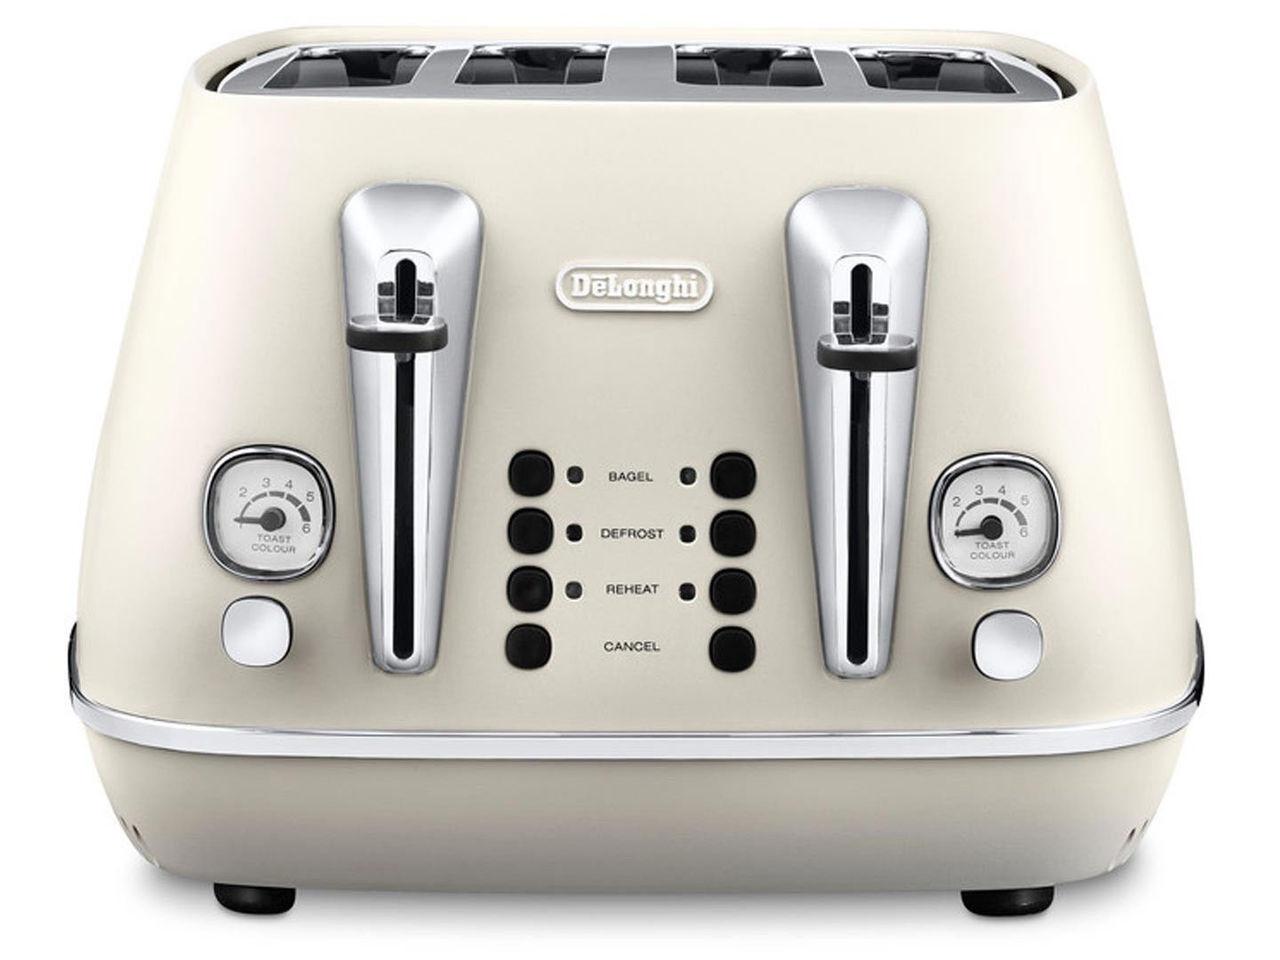 DeLonghi CTI4003W Distinta 4 Slice Toaster - Pure White